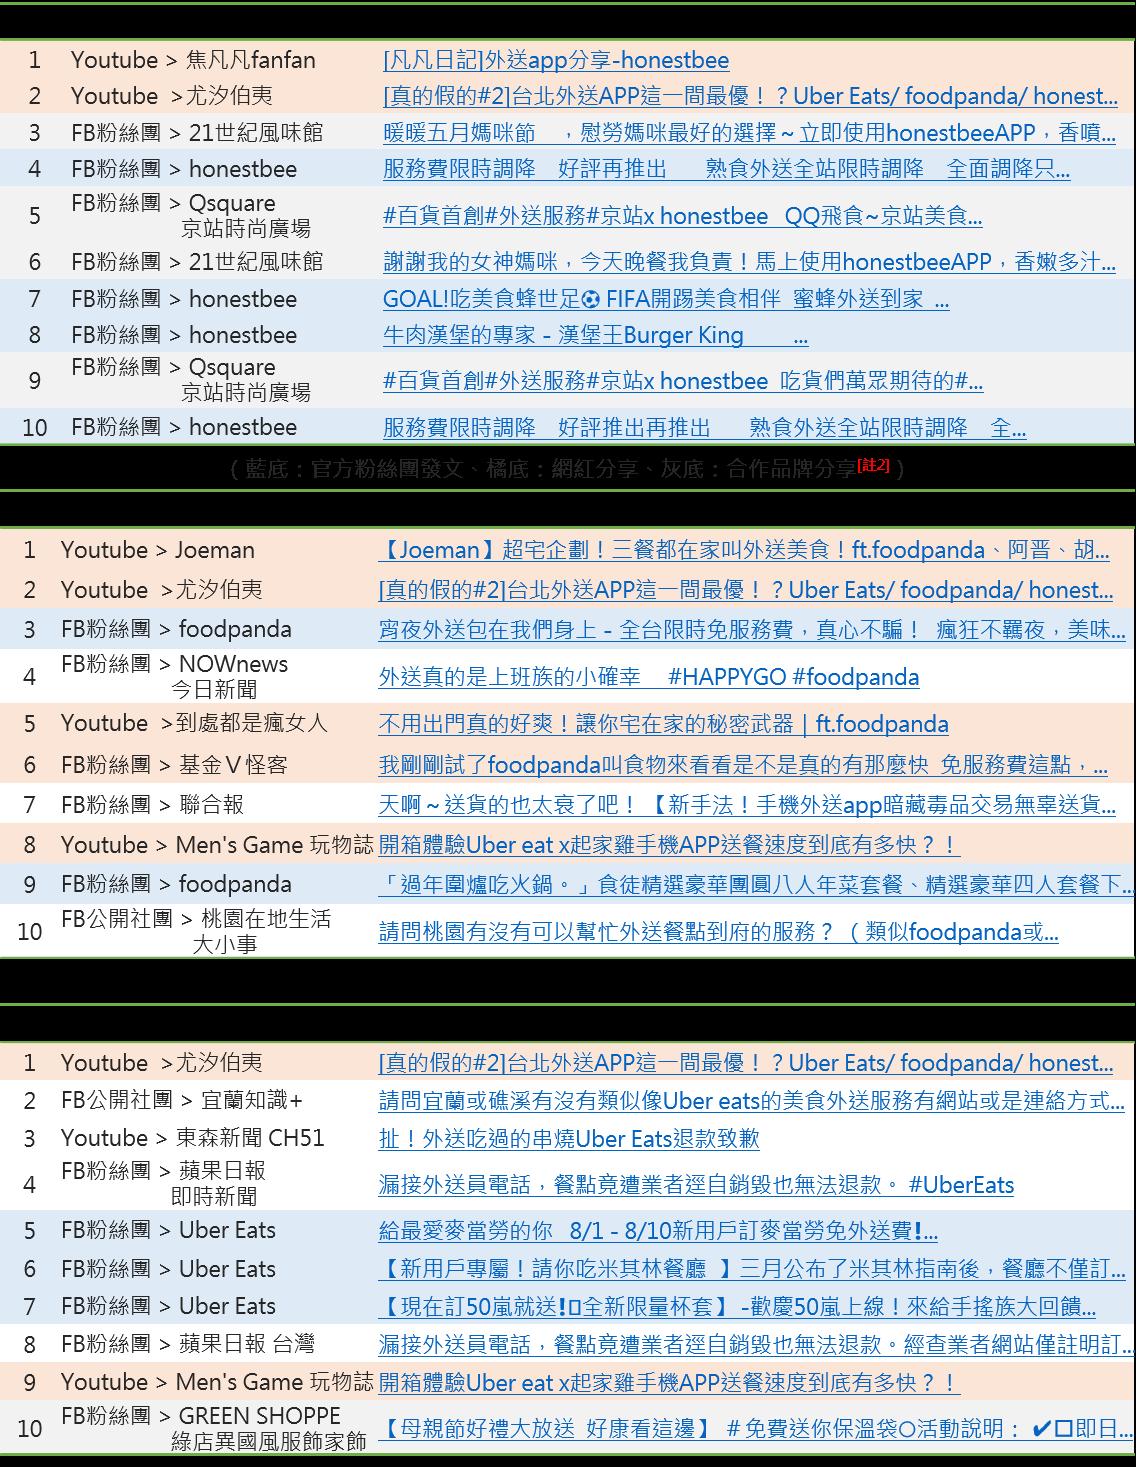 OpView輿情聲量分析_三大外送平台- 社群熱門討論主題